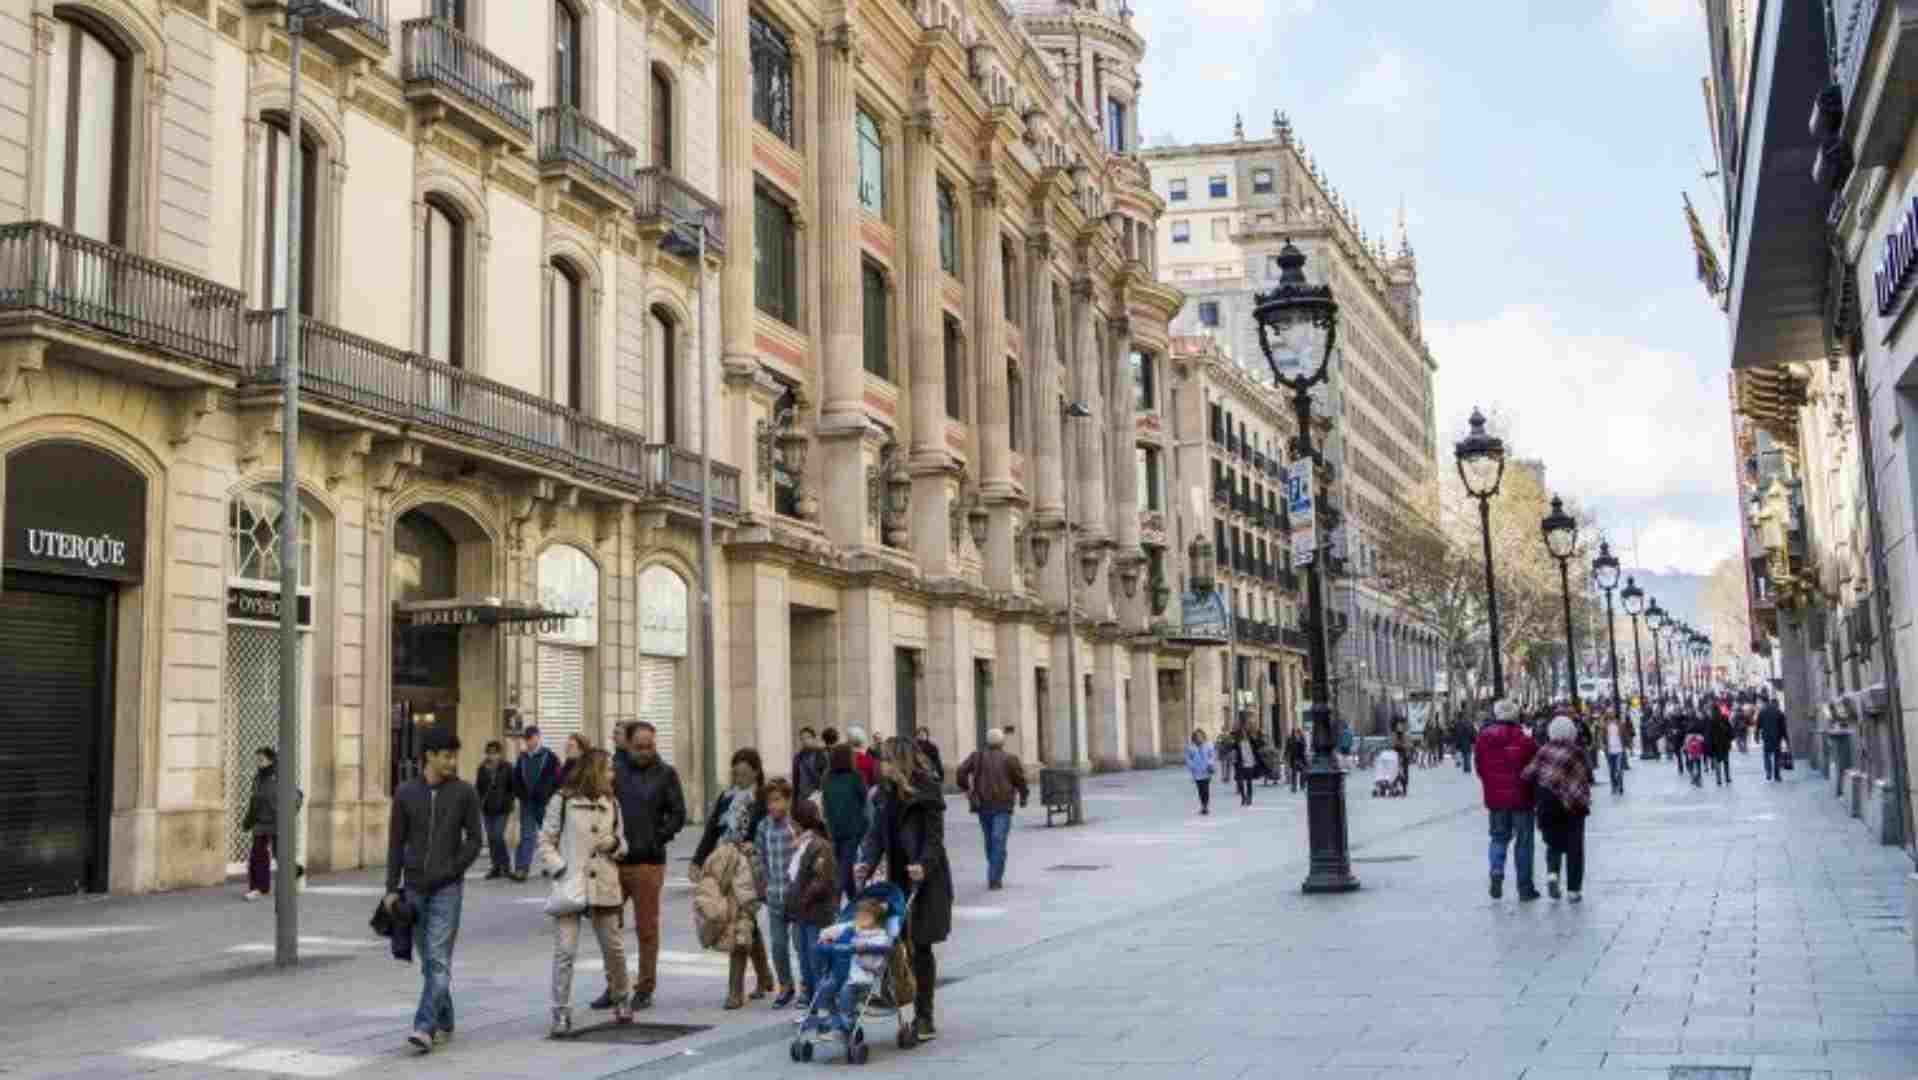 Aumenta el tráfico de peatones en las principales calles comerciales españolas